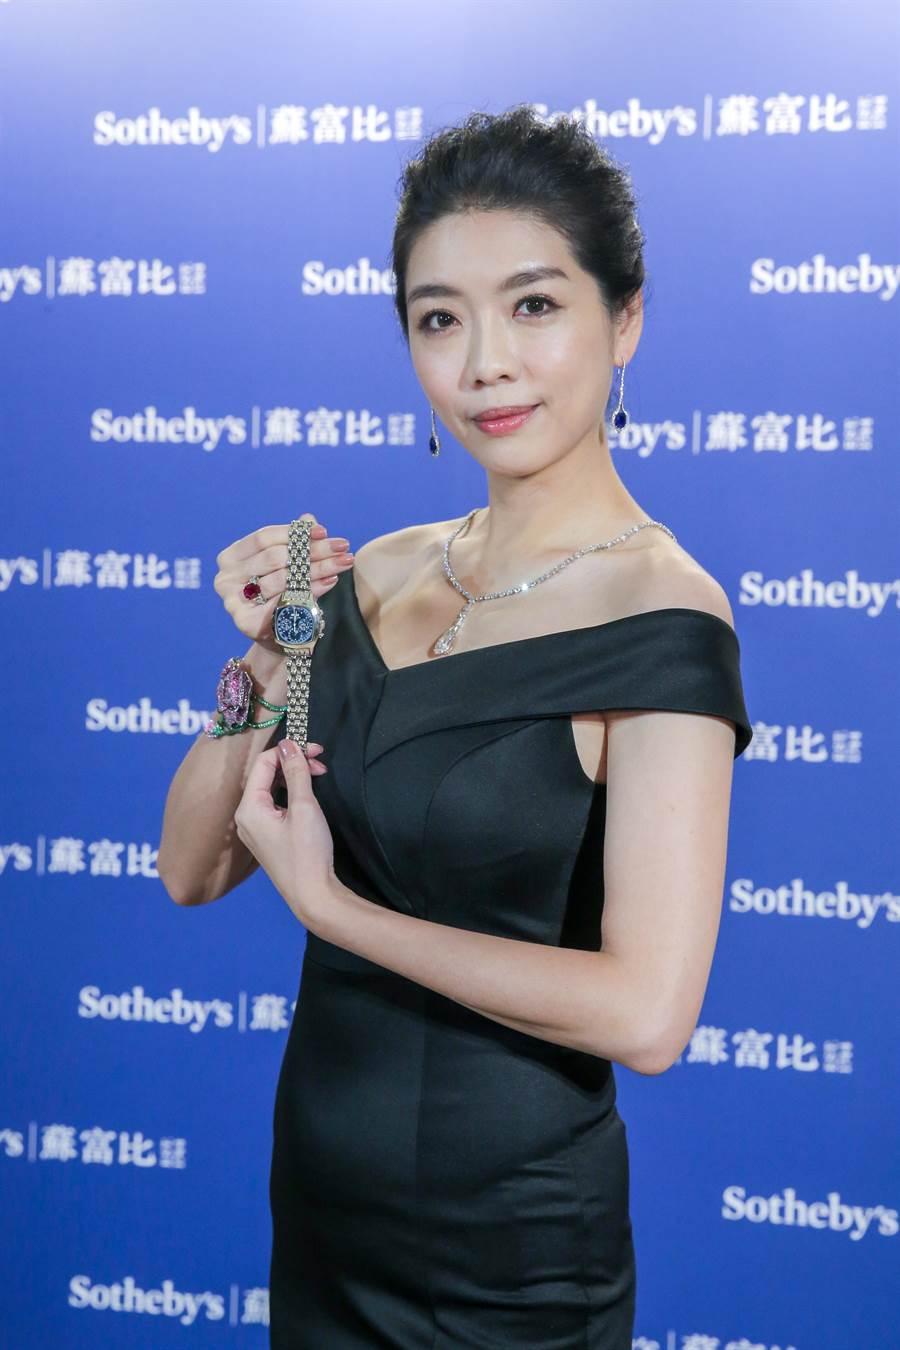 百達翡麗腕表仍是拍賣會上的霸主,模特兒展示百達翡麗5020 鉑金萬年曆計時腕表,起拍價為450萬港幣。(盧禕祺攝)